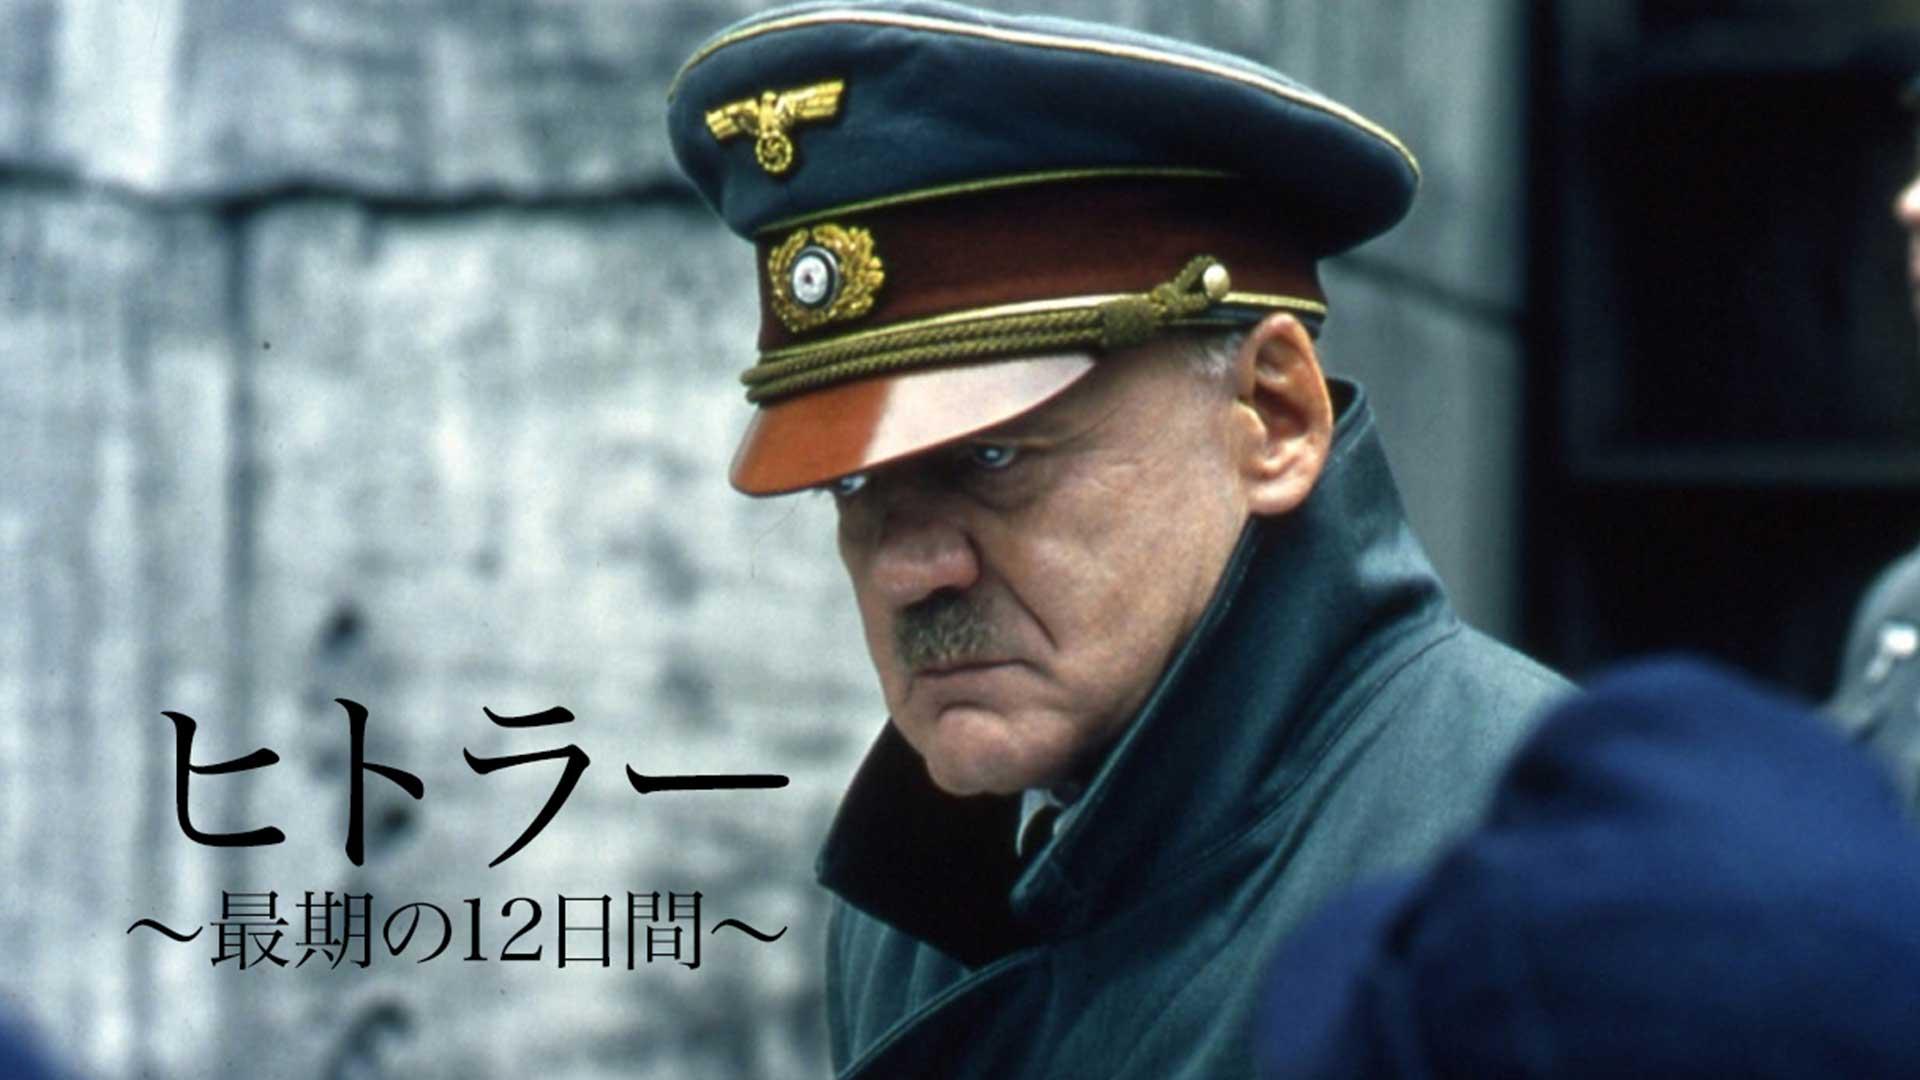 ヒトラー最期の12日間